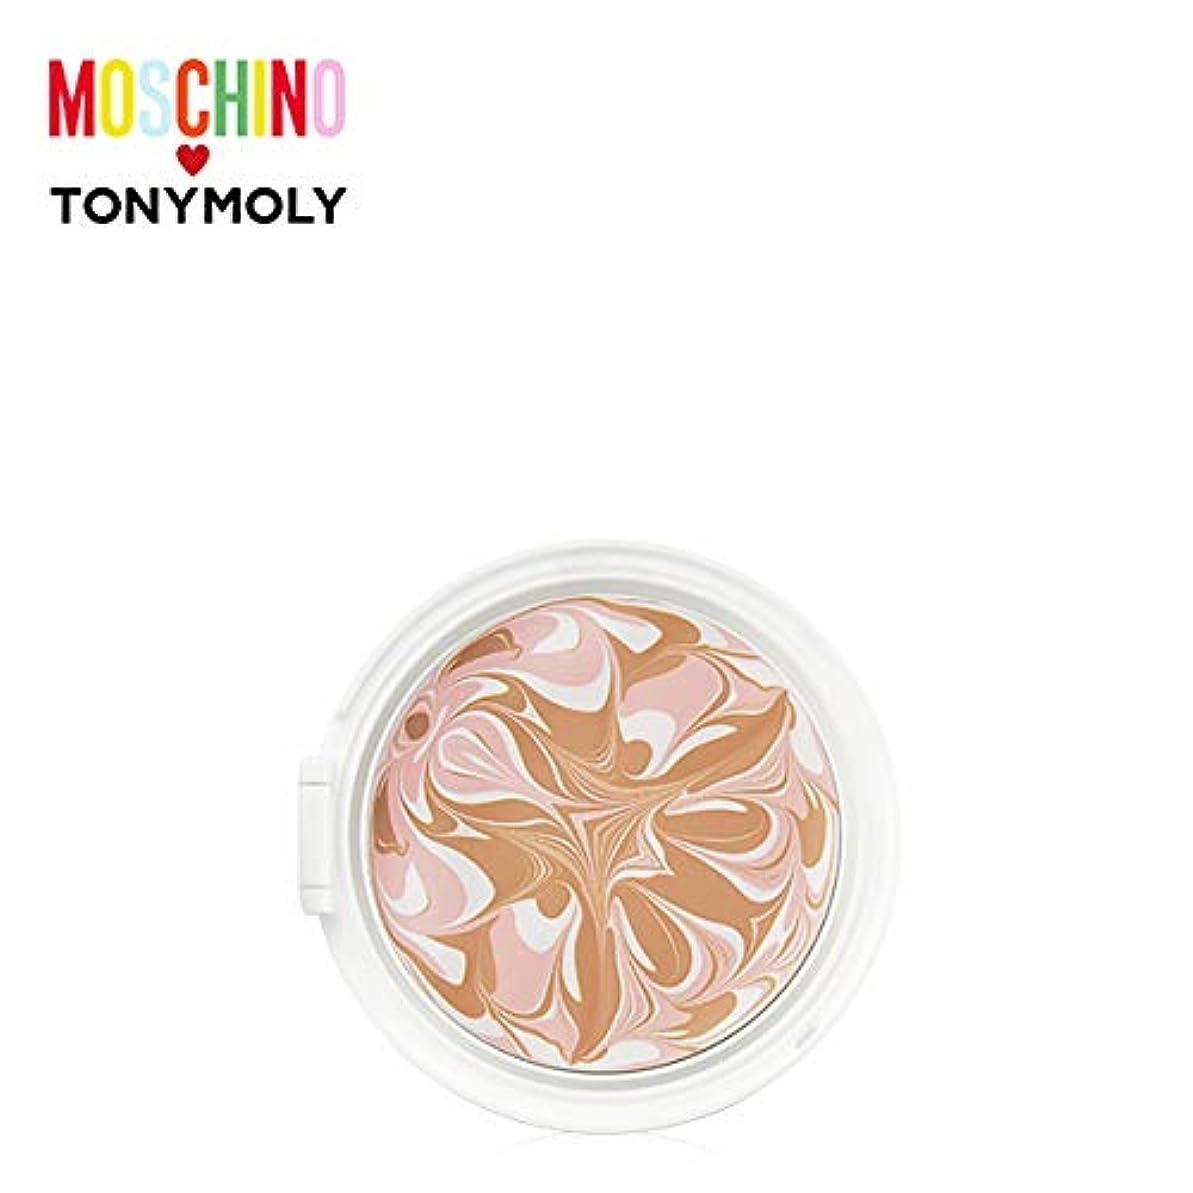 最も遠いなしで仕様TONYMOLY [MOSCHINO] Chic Skin Essence Pact -Refill #01 CHIC VANILLA トニーモリー [モスキーノ] シック スキン エッセンス パクト -リフィル [詰め...